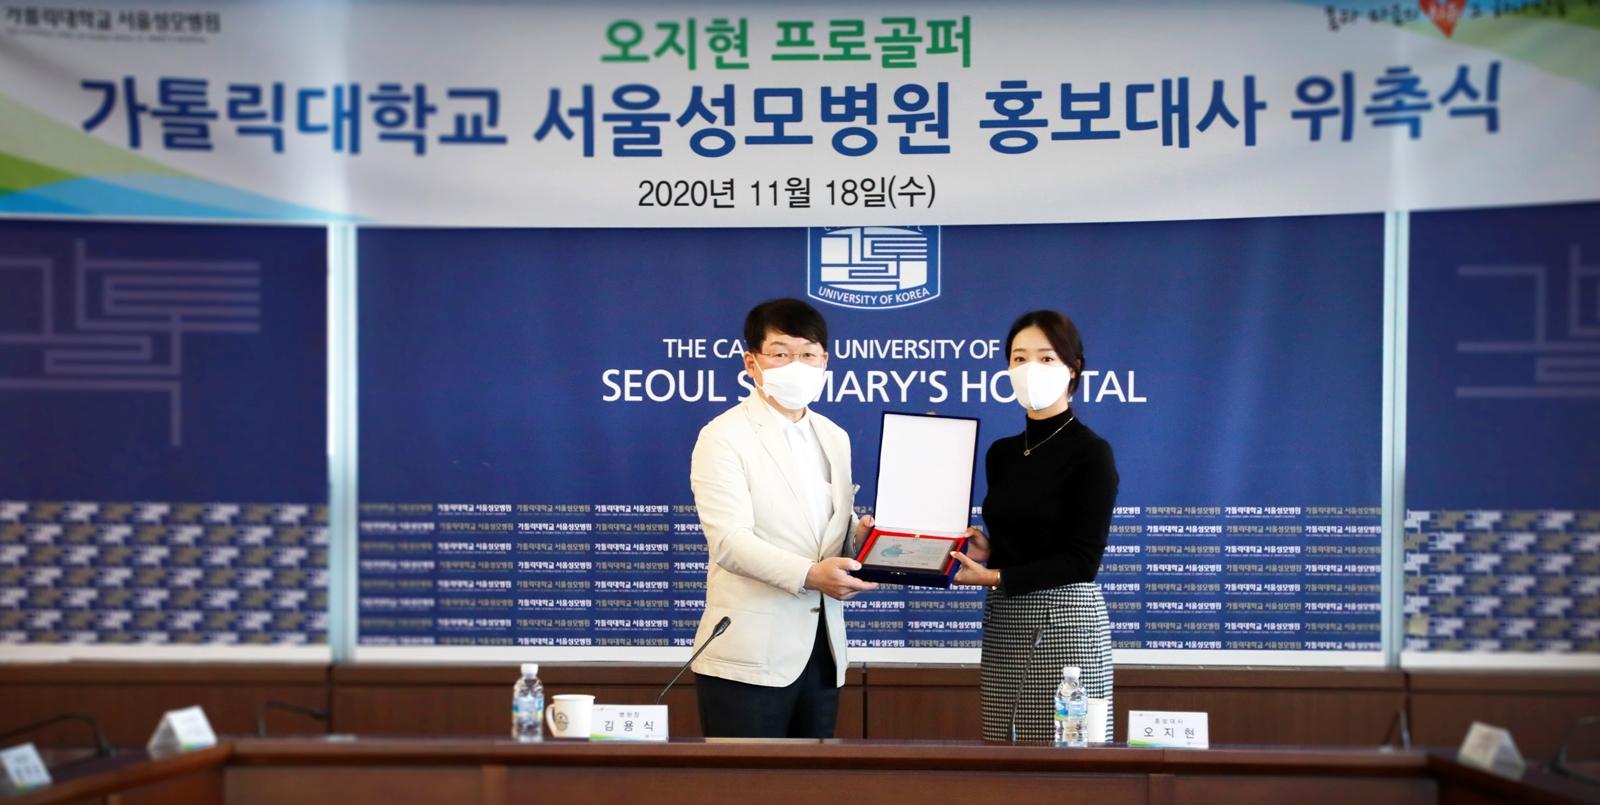 1. 오지현 프로골퍼, 서울성모병원 홍보대사 재위촉